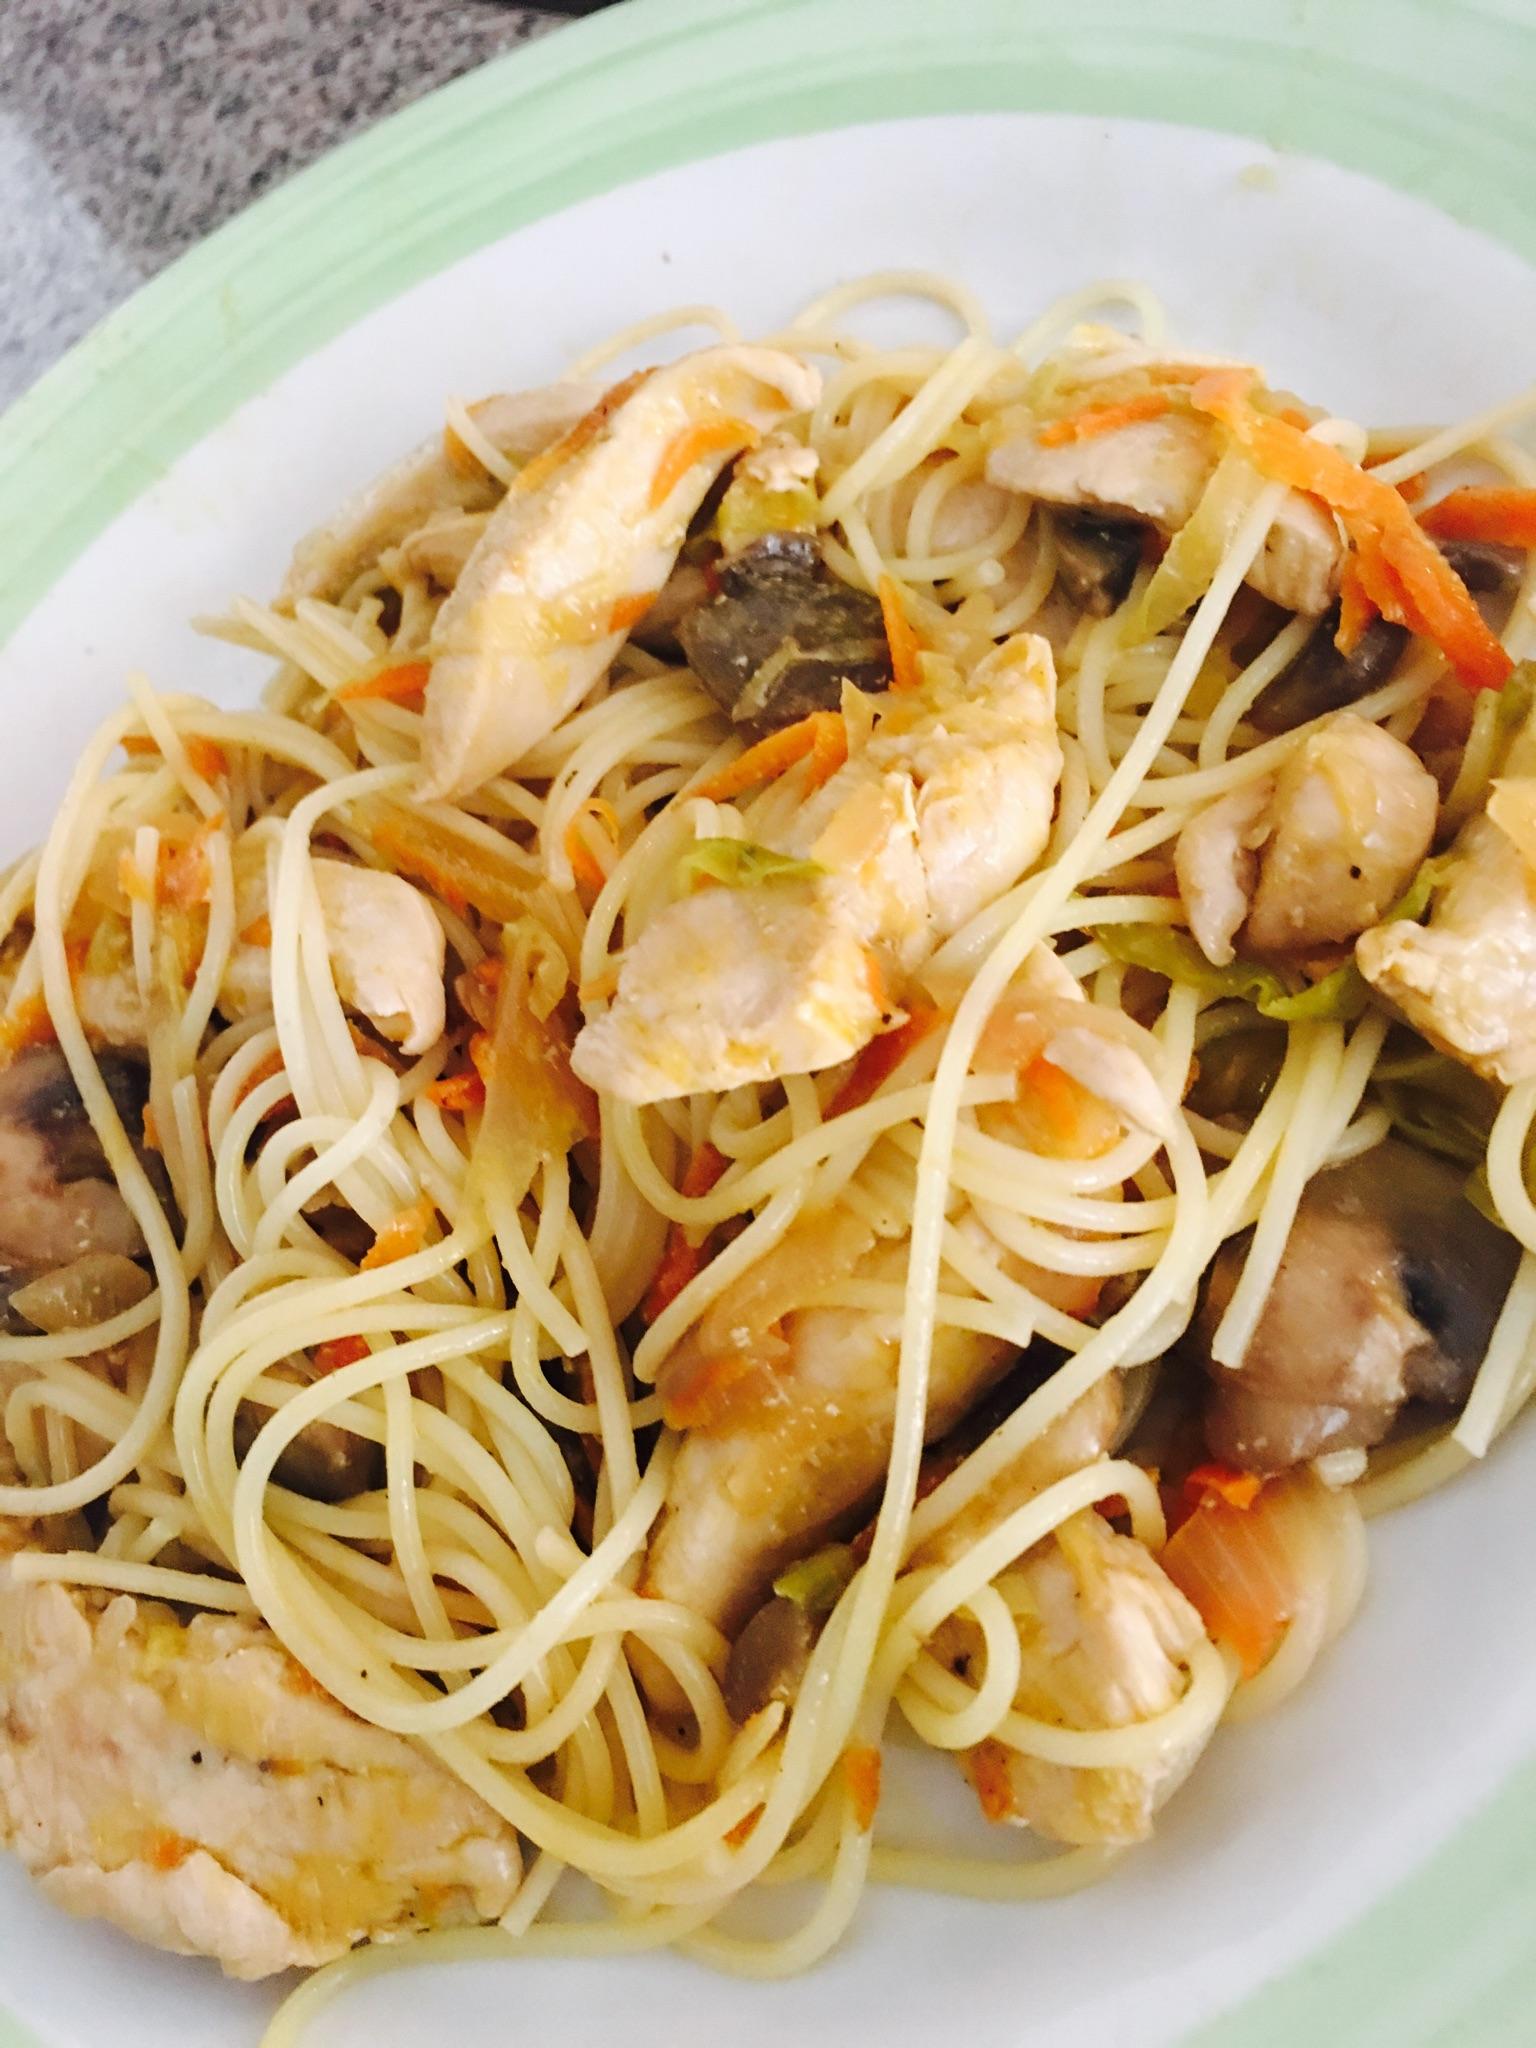 Cantonese Chicken Chow Mein Debbie Estrada Moreno